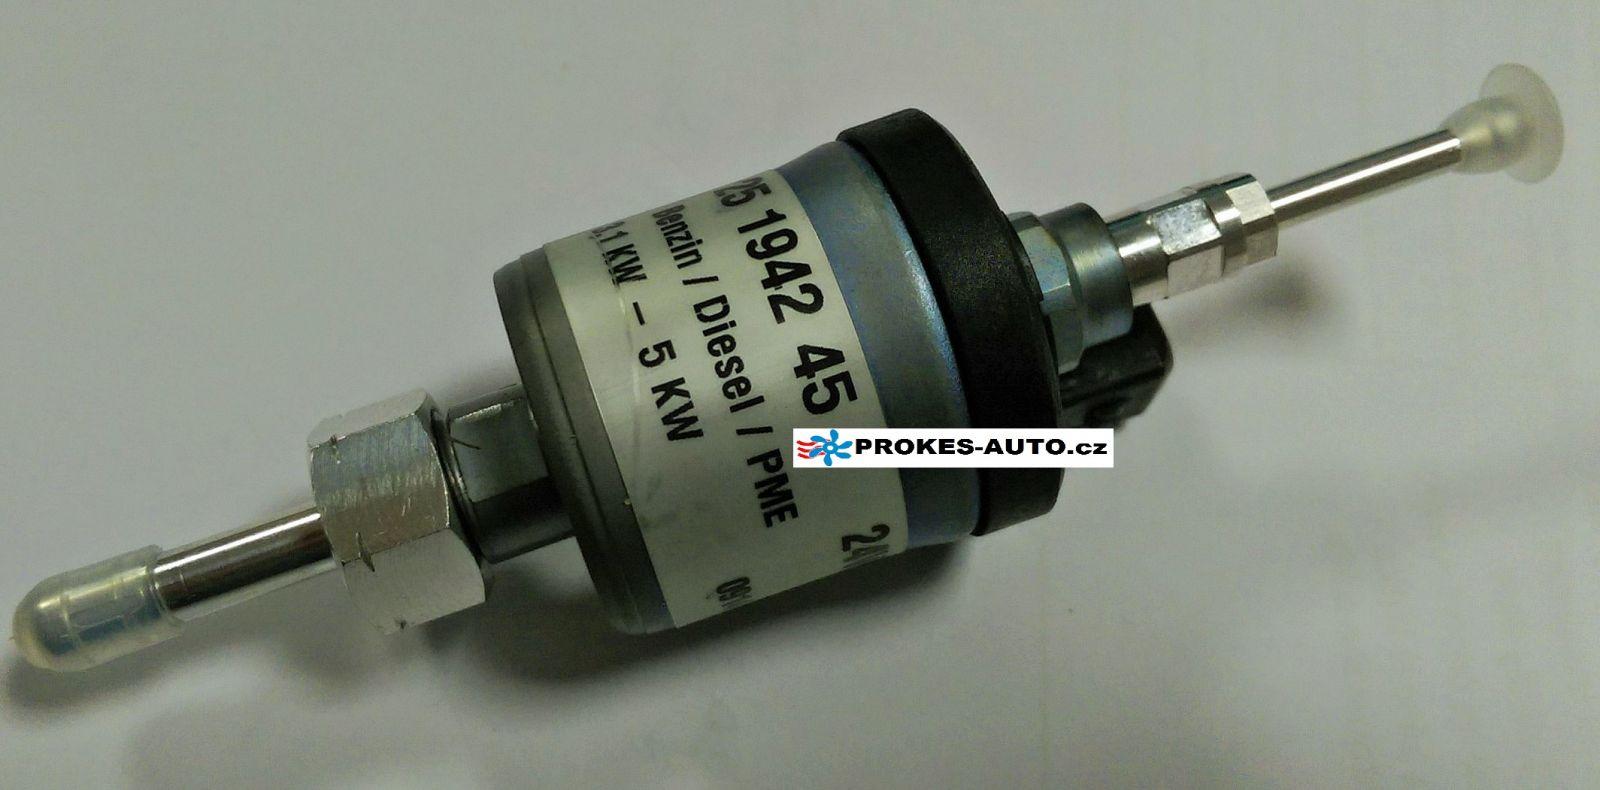 Palivové čerpadlo 24V D5WS diesel 3,1-5 kW 25194245 / 251942450000 Eberspächer